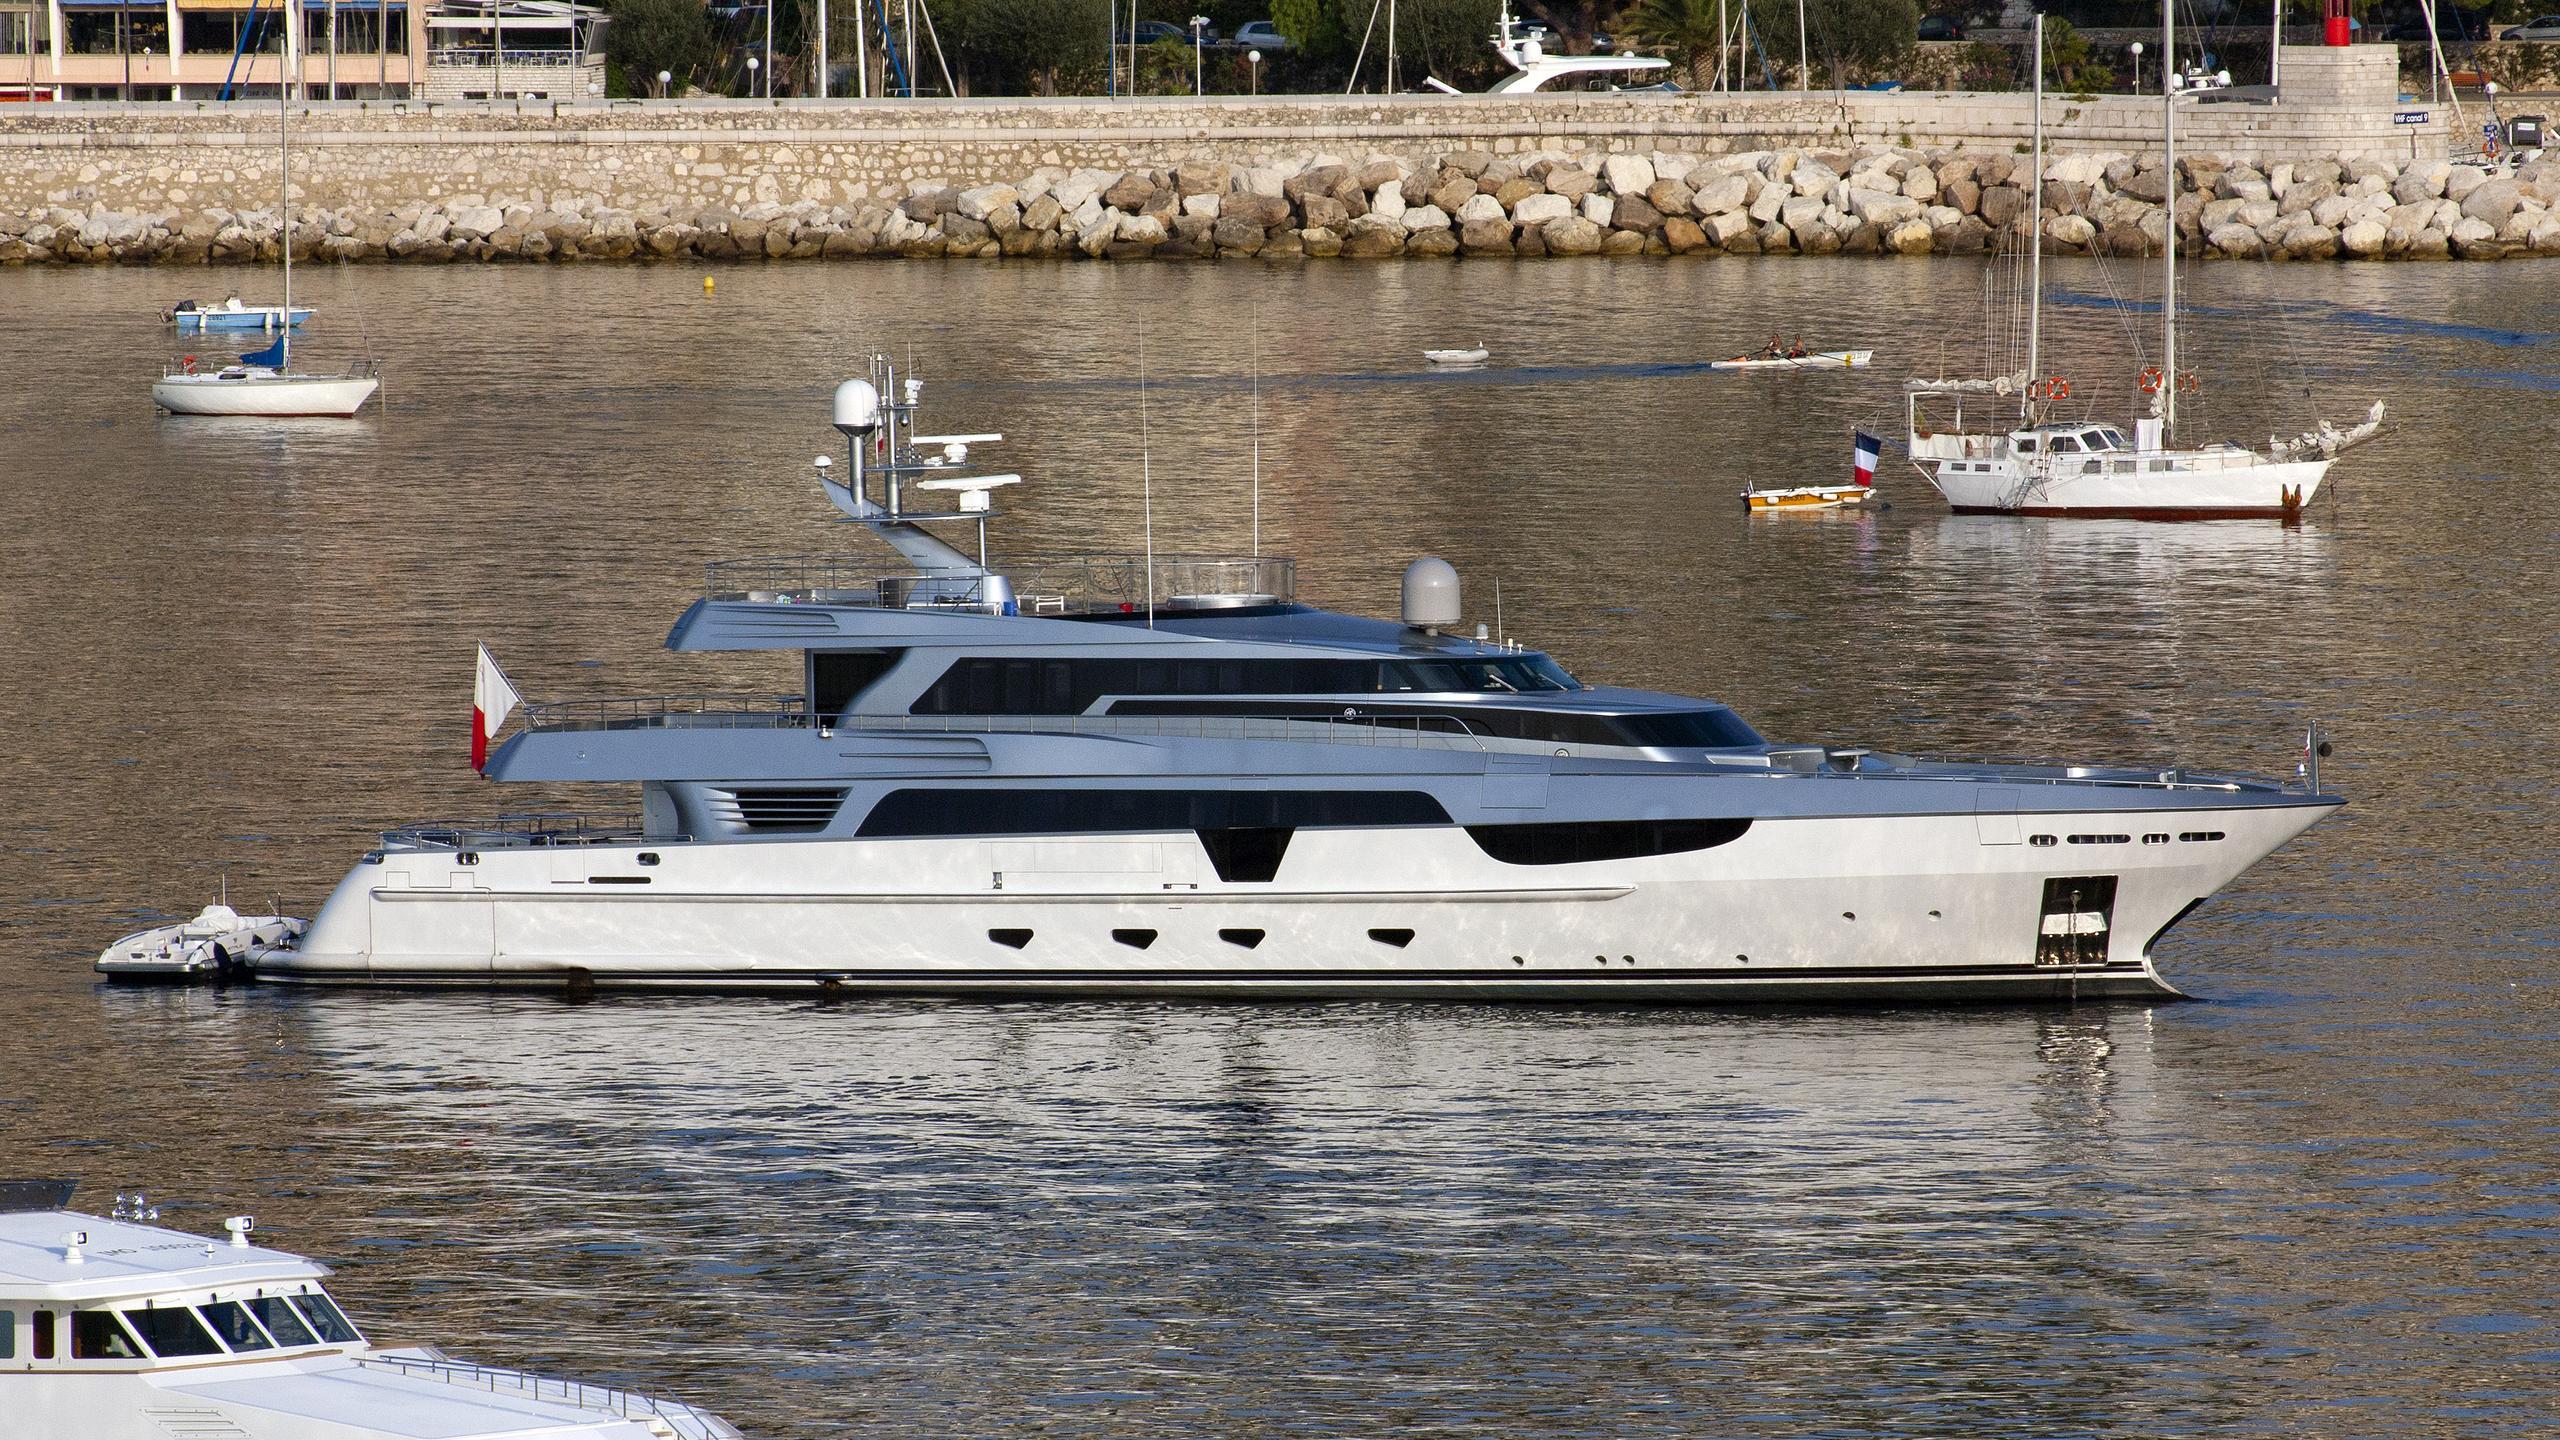 antalis-motor-yacht-baglietto-2007-48m-profile